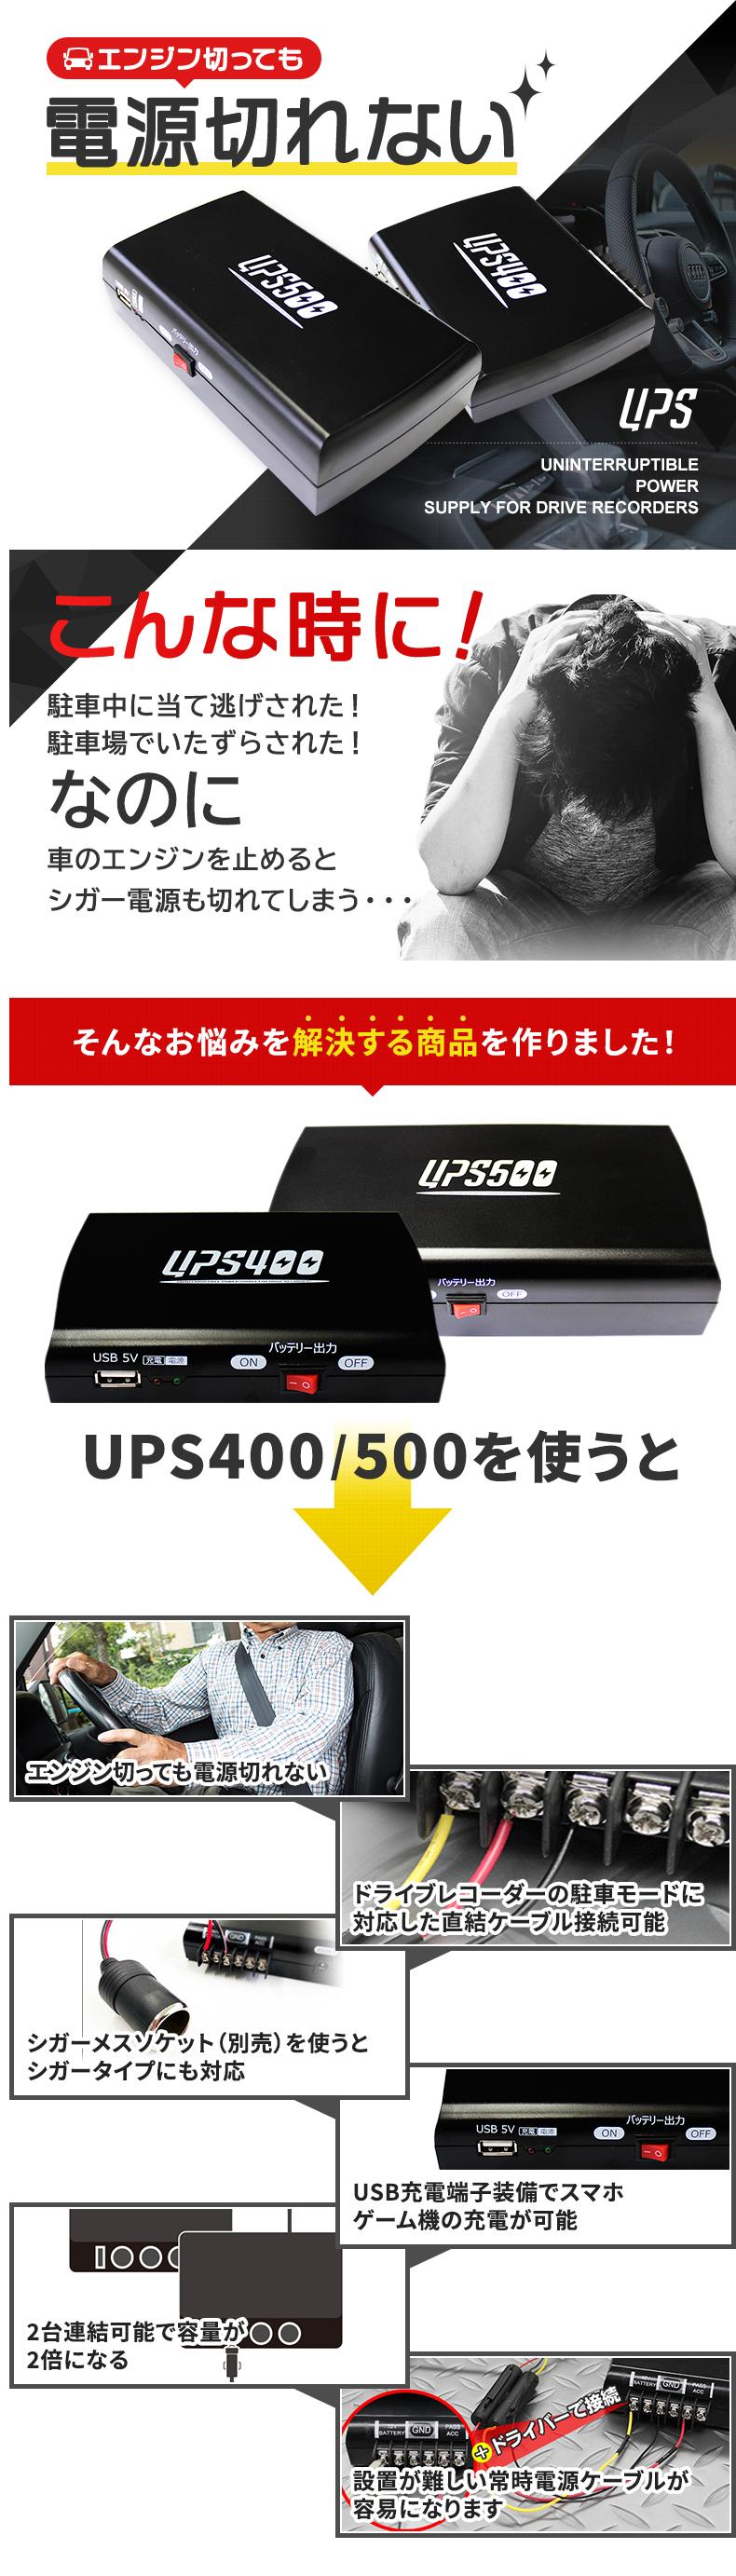 ドライブレコーダー バックアップ電源 UPS500